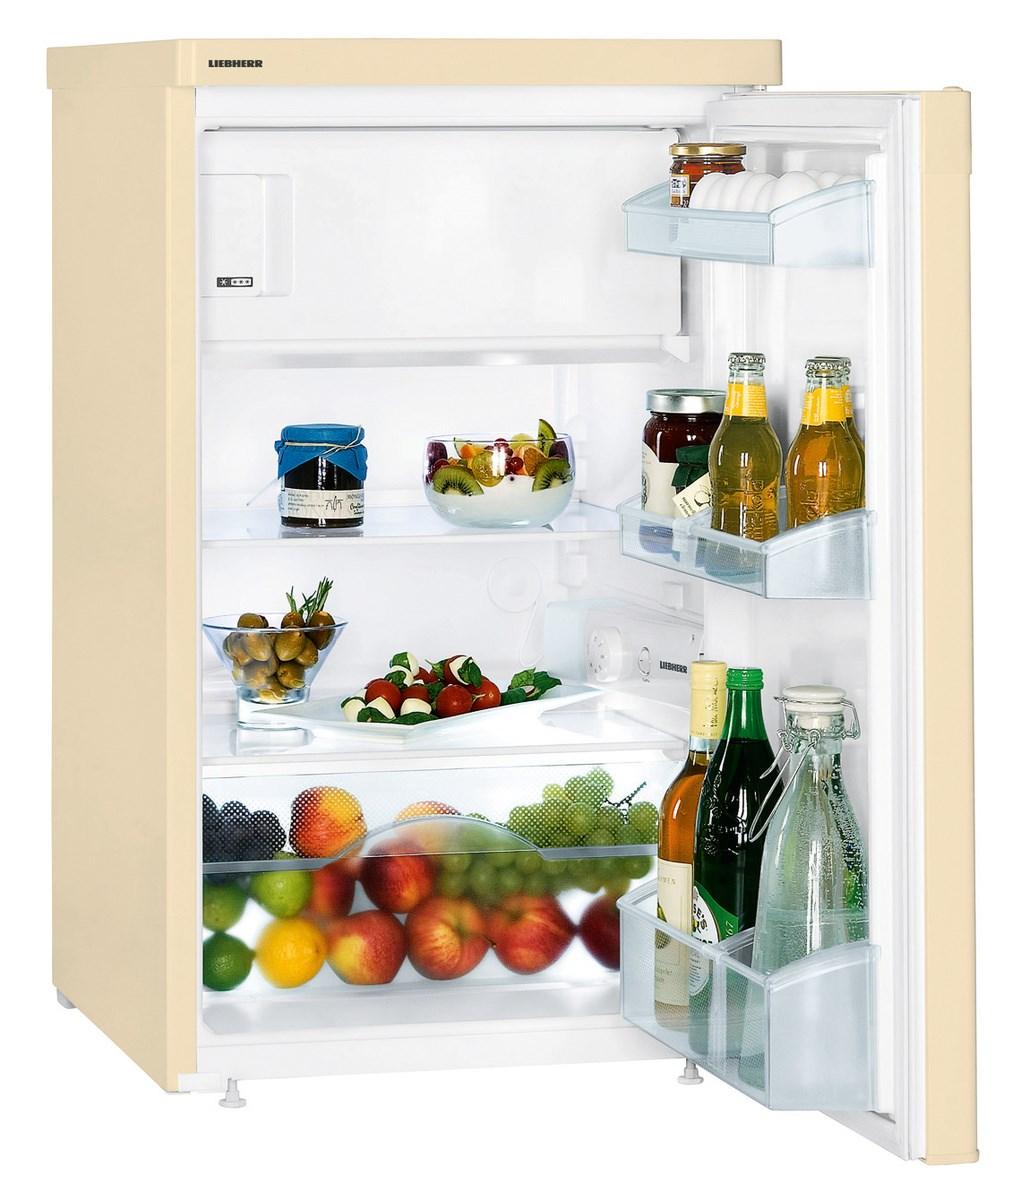 Liebherr Tbe 1404-20 kompakt hűtőszekrény